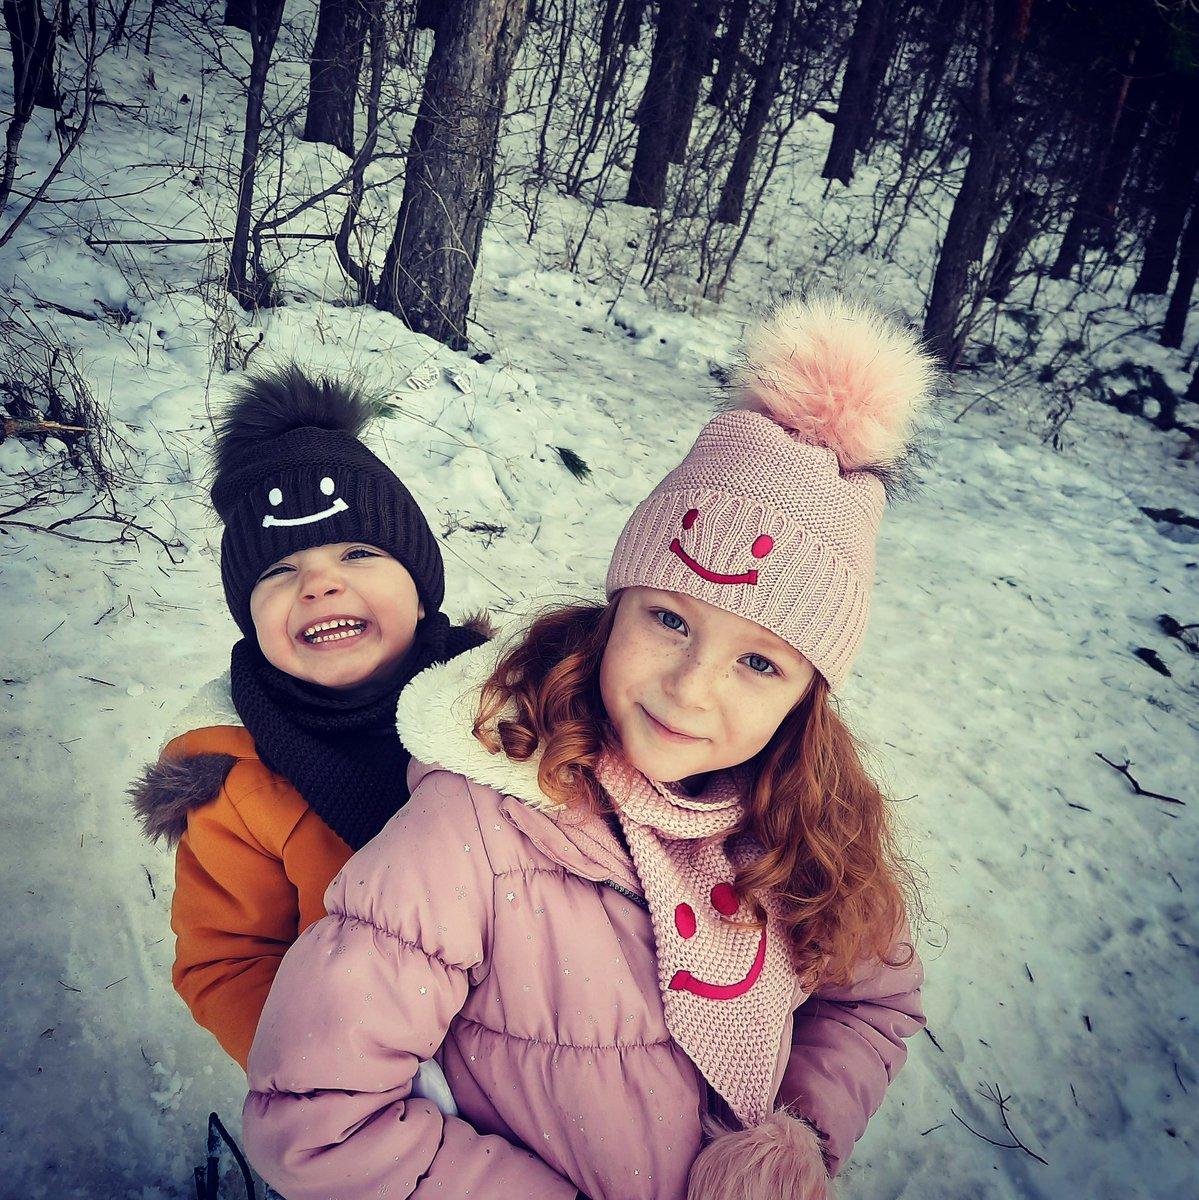 #myeverything #mylove #myheart #mysoul #cute #mybabes #family #beautiful #babylove #babygirl #babyboy #familytime #babyfashion https://t.co/1ZFf66CWmK